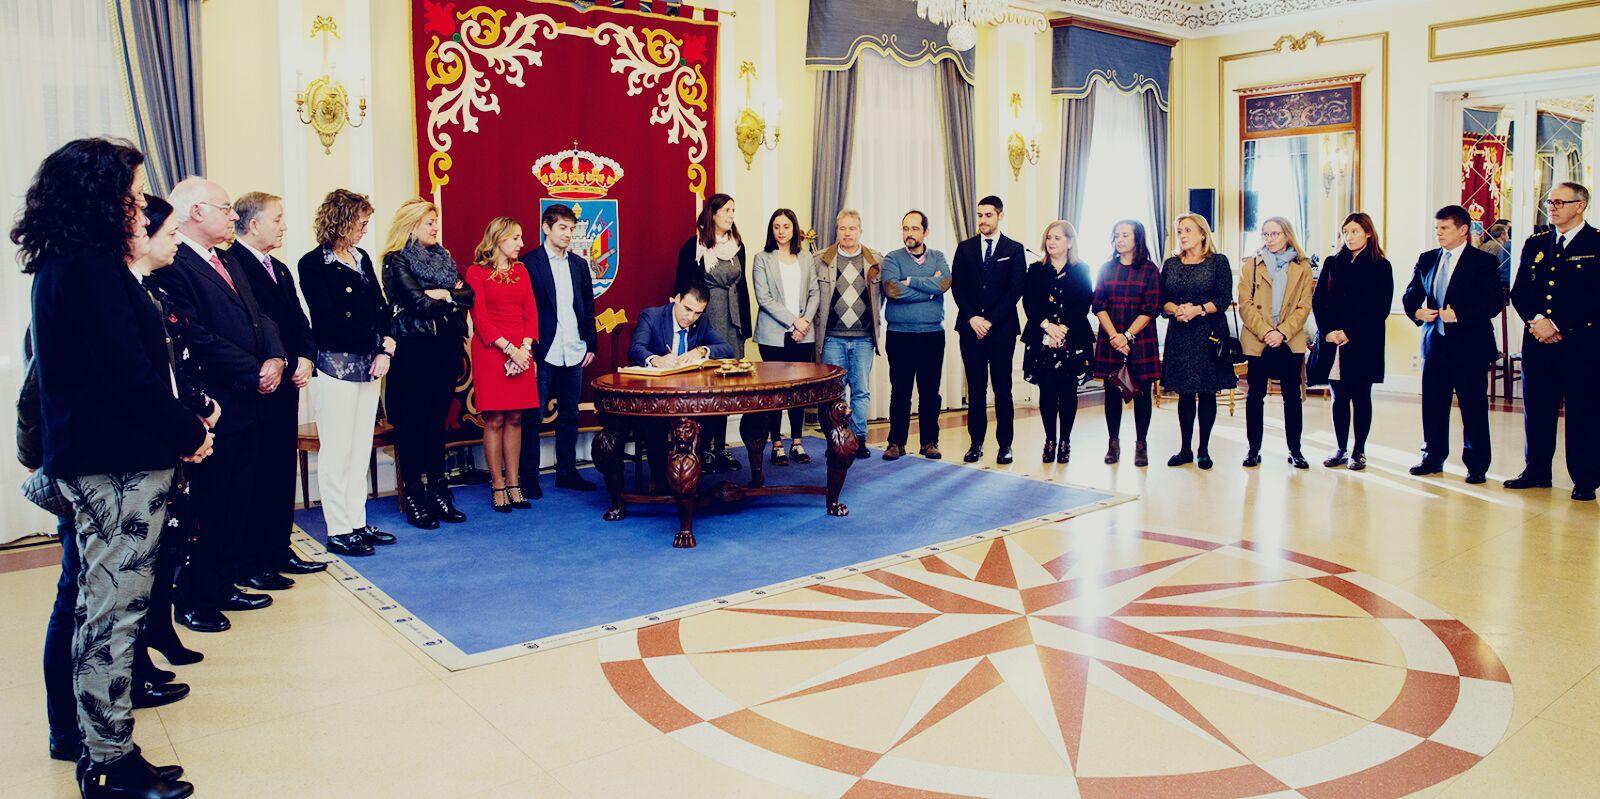 REPASO A HISTORIA NO MINISTERIO FISCAL NOS ACTOS DO XXXIX ANIVERSARIO DA CONSTITUCIÓN EN FERROL